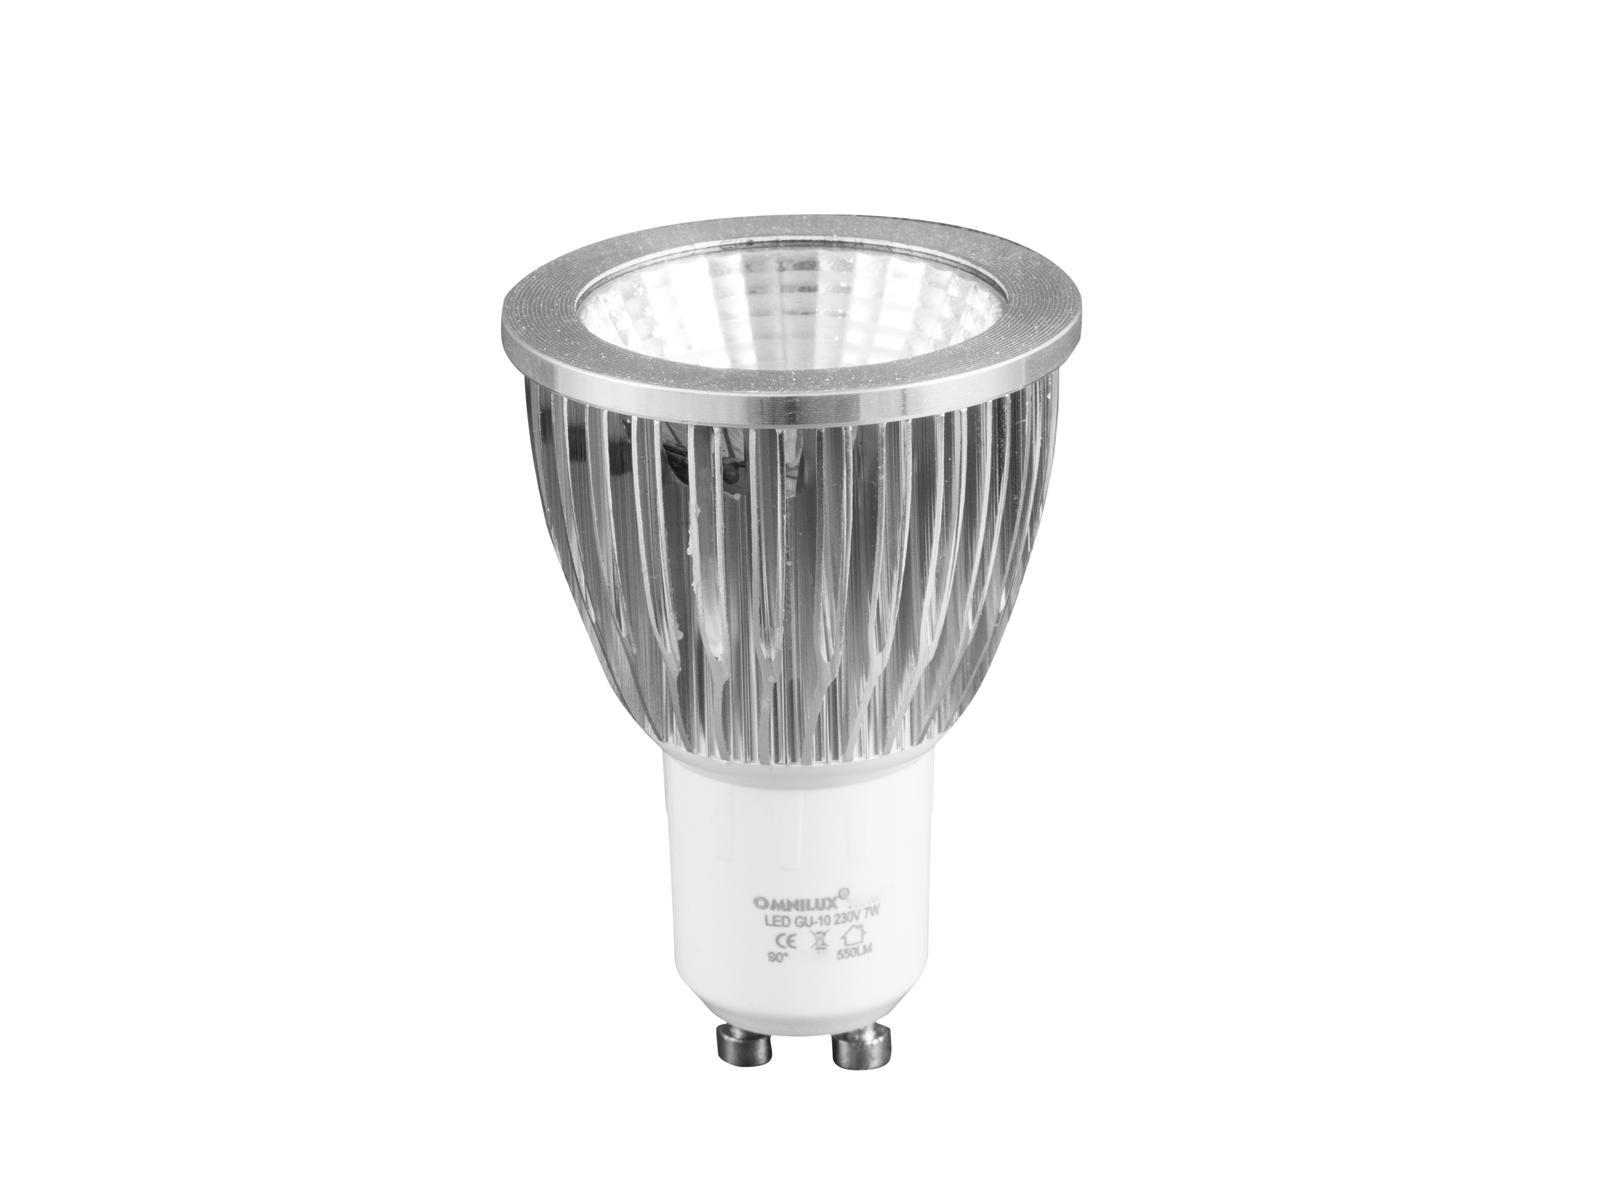 Omnilux LED žárovka GU-10 230V 7W COB 6400K, studená bílá